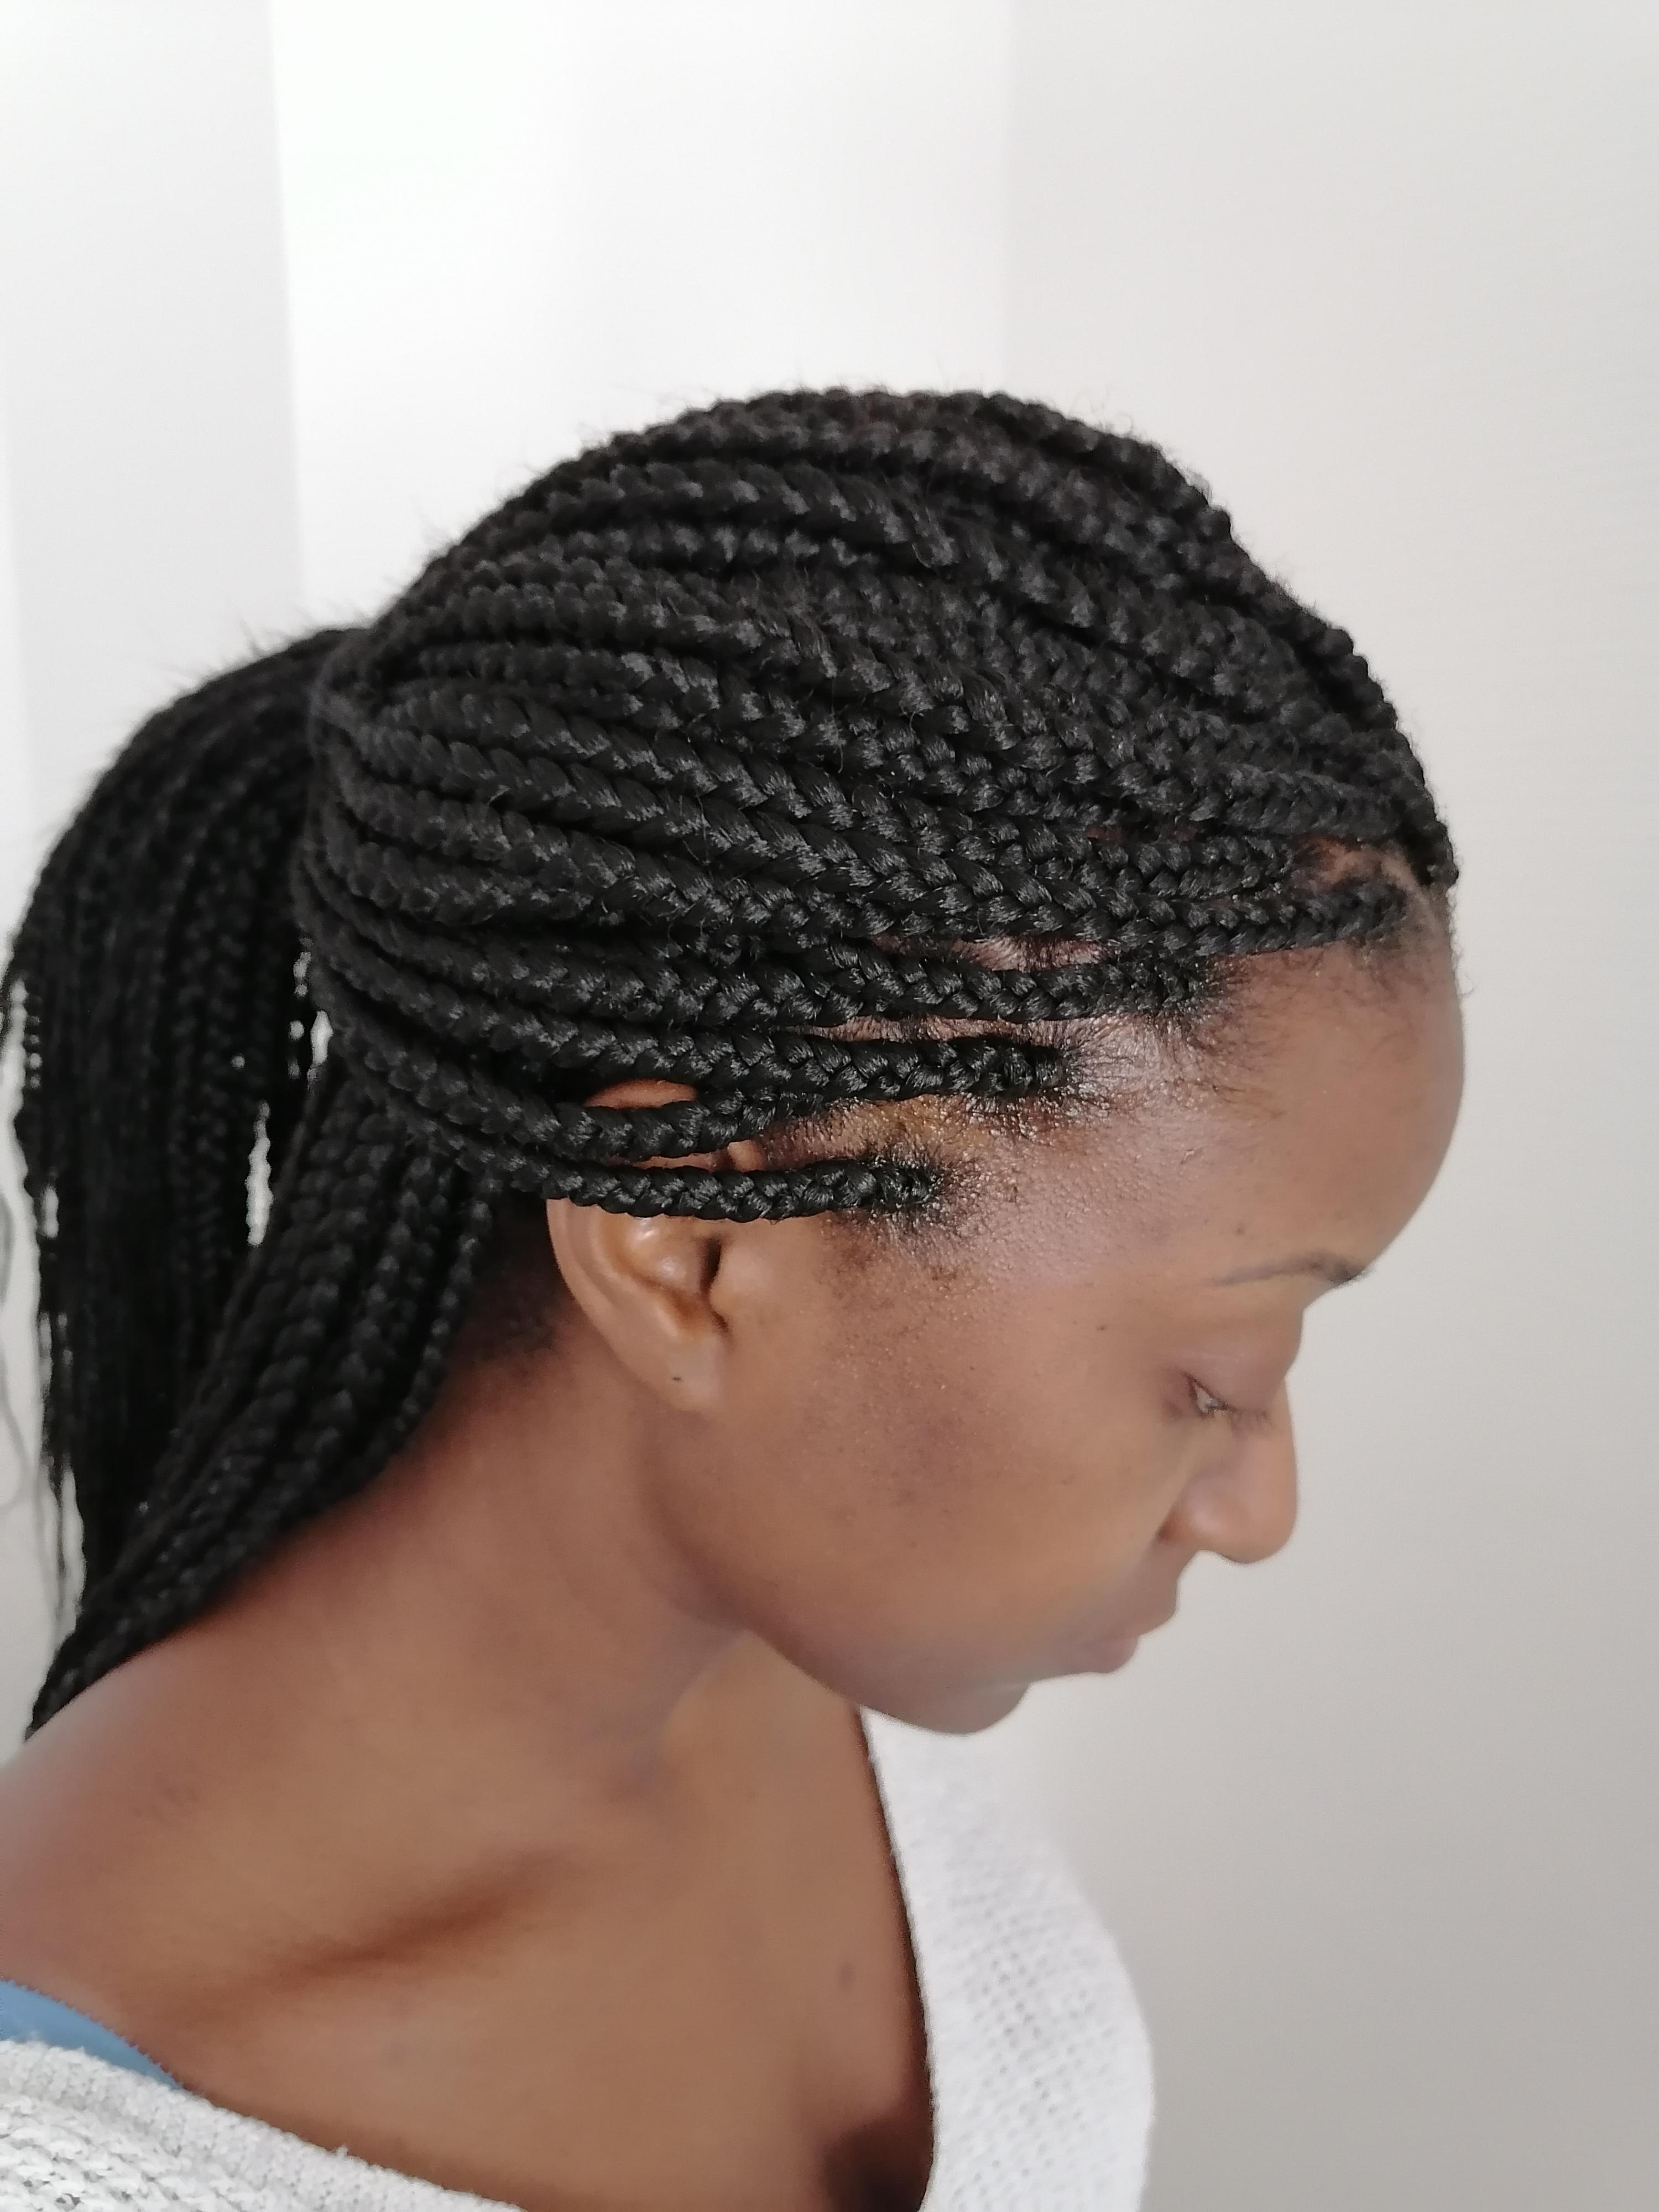 salon de coiffure afro tresse tresses box braids crochet braids vanilles tissages paris 75 77 78 91 92 93 94 95 BNPYYYFJ